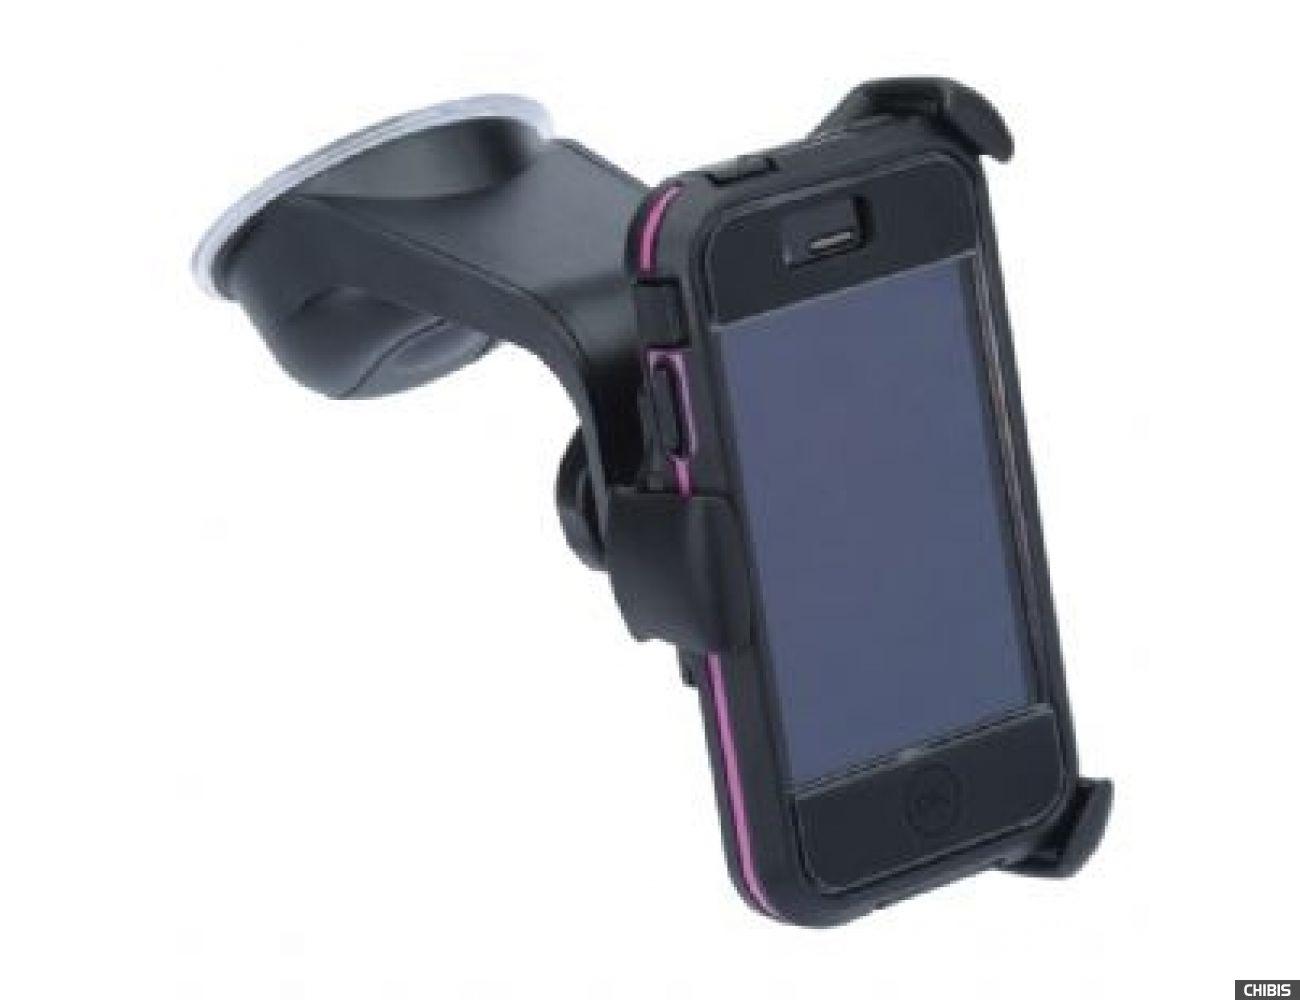 Автодержатель на торпедо iGrip Smart Grip'R x-tra Kit (T5-40130) для смартфонов